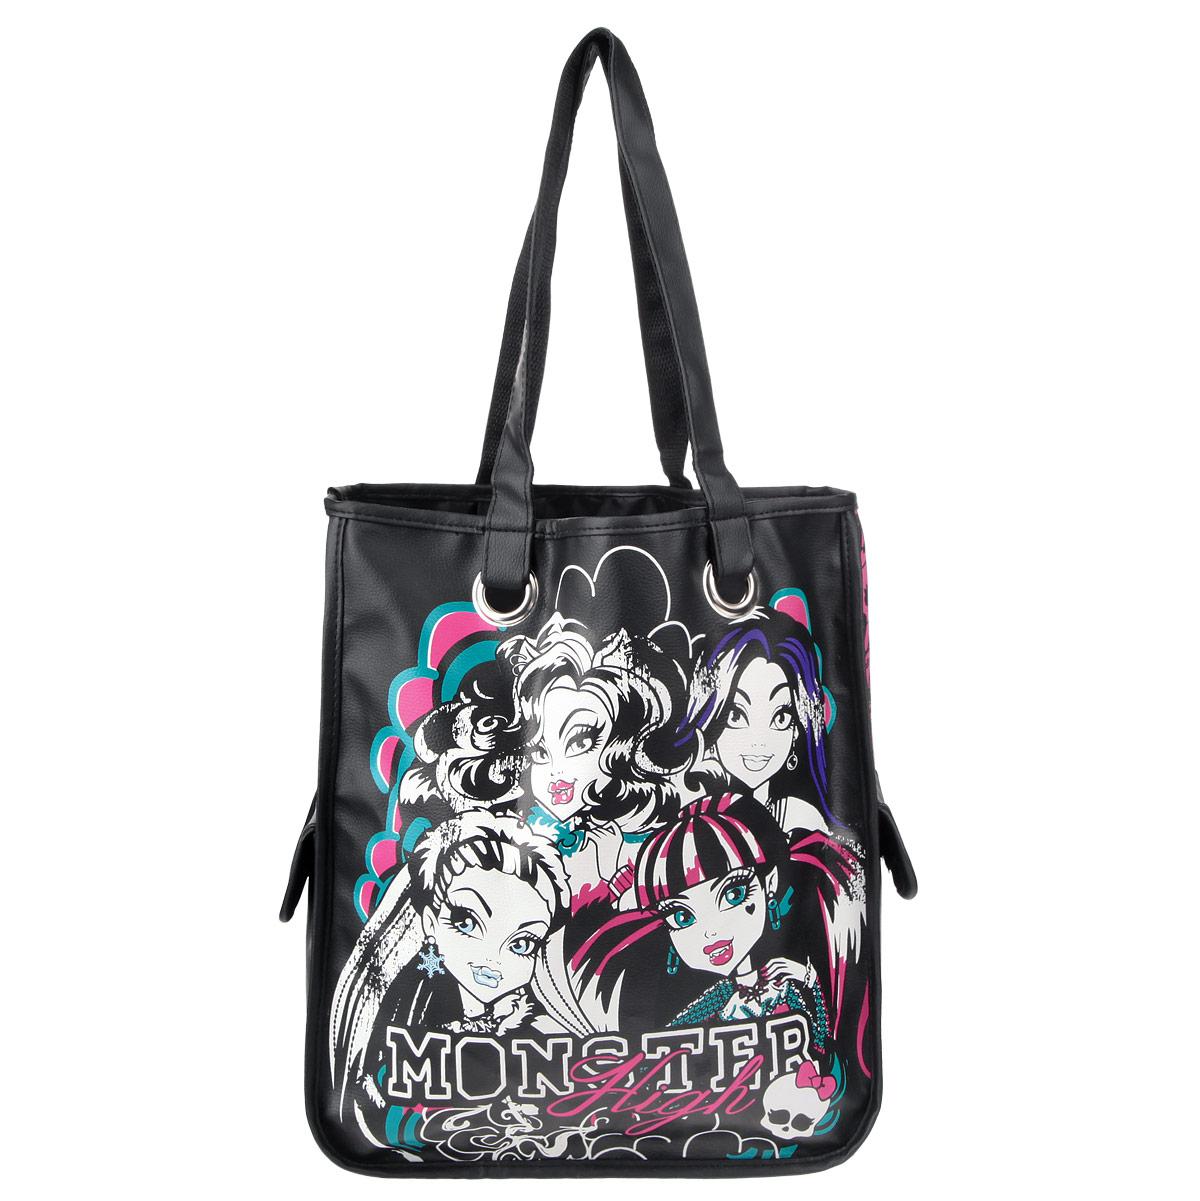 """Сумка детская """"Monster High"""", цвет: черный, розовый MHBB-RT3-4493"""